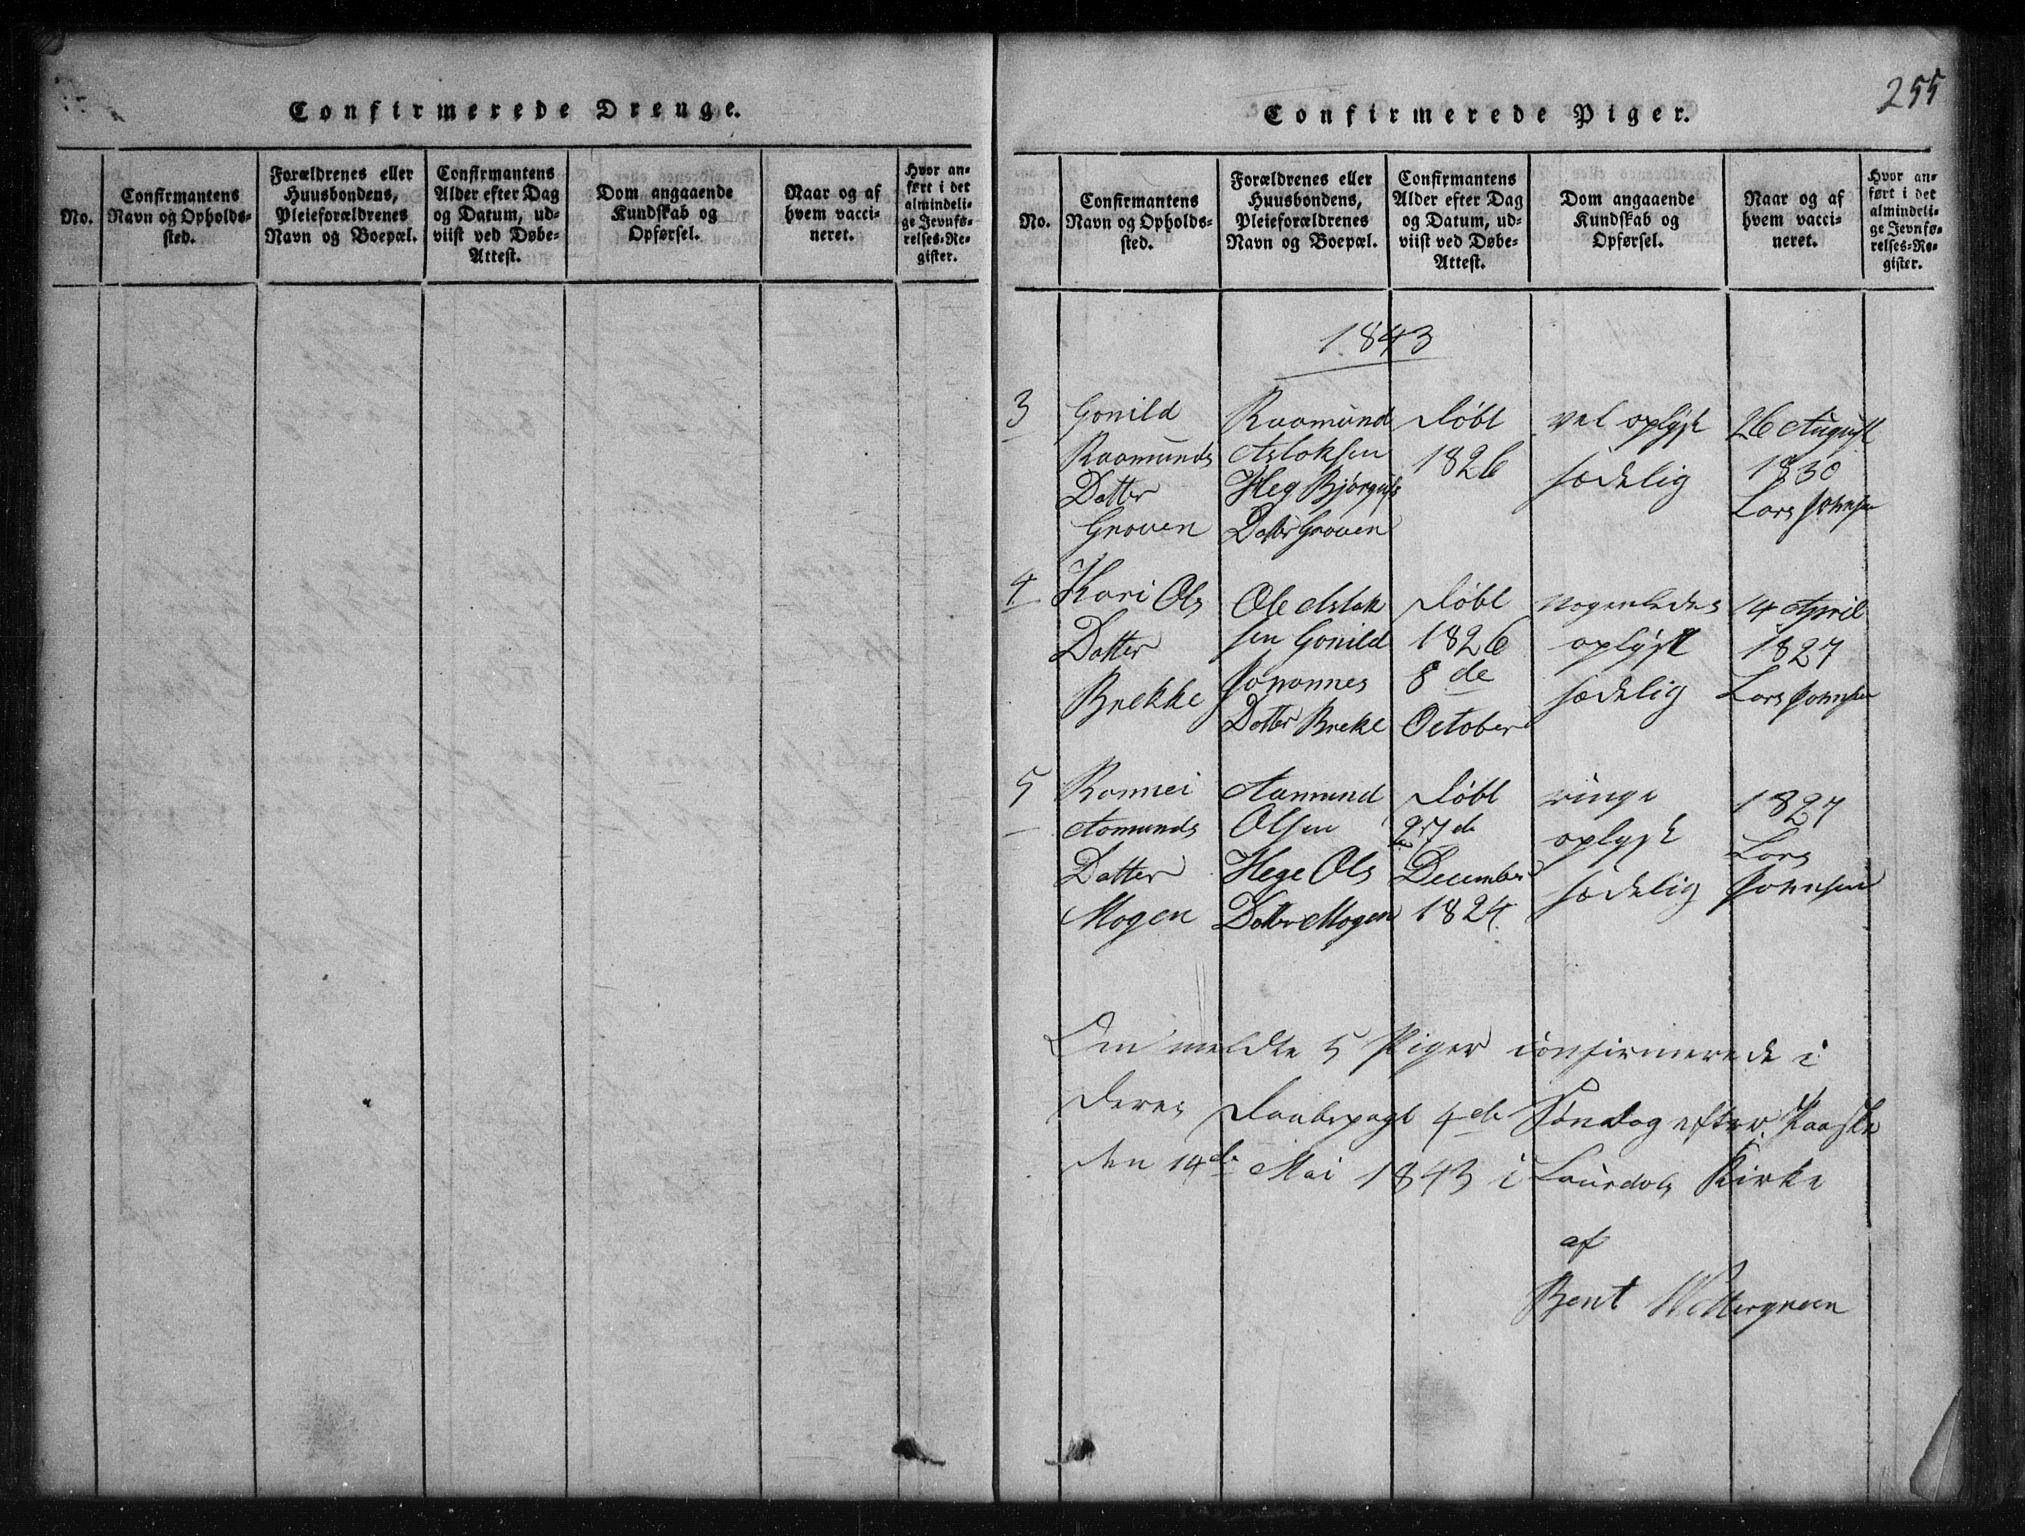 SAKO, Rauland kirkebøker, G/Gb/L0001: Klokkerbok nr. II 1, 1815-1886, s. 255